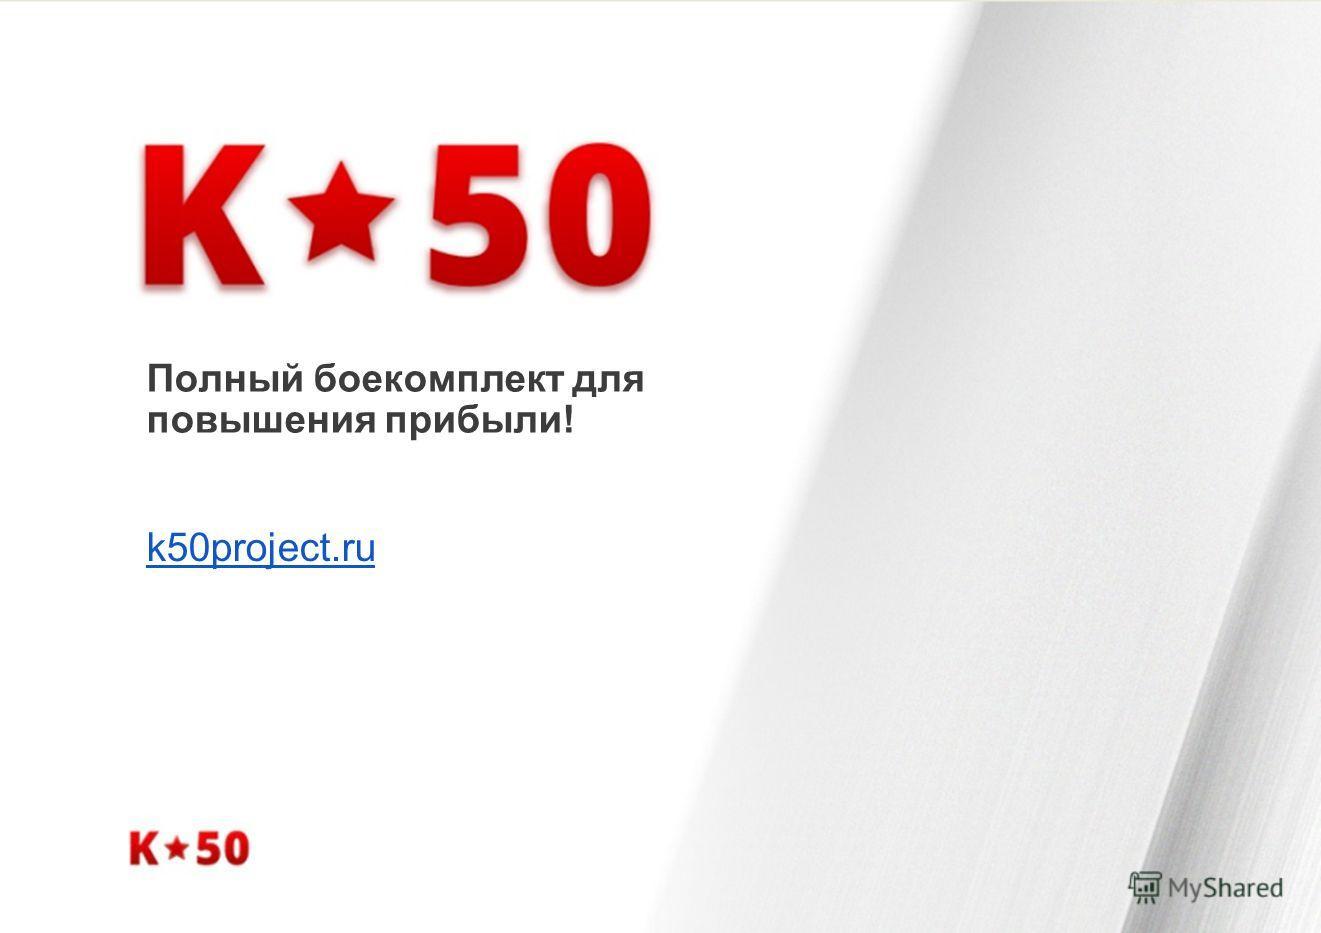 k50project.ru Полный боекомплект для повышения прибыли!